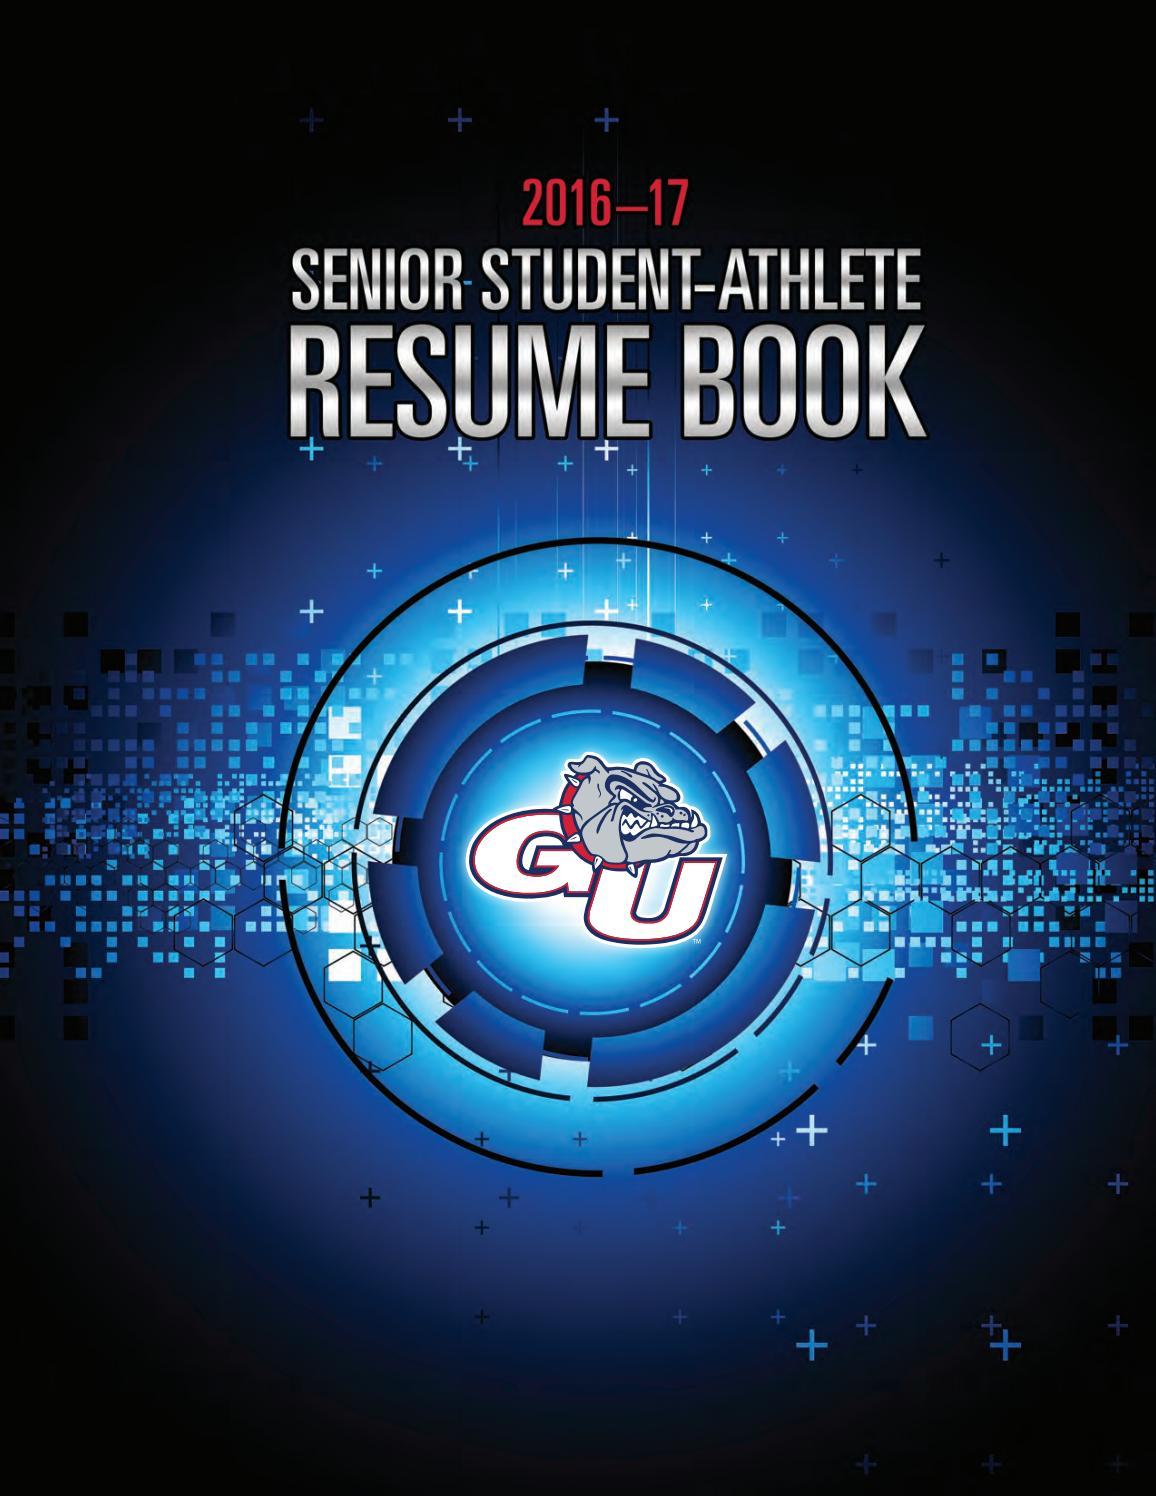 gonzaga university senior student athlete resume book 2016 17 by